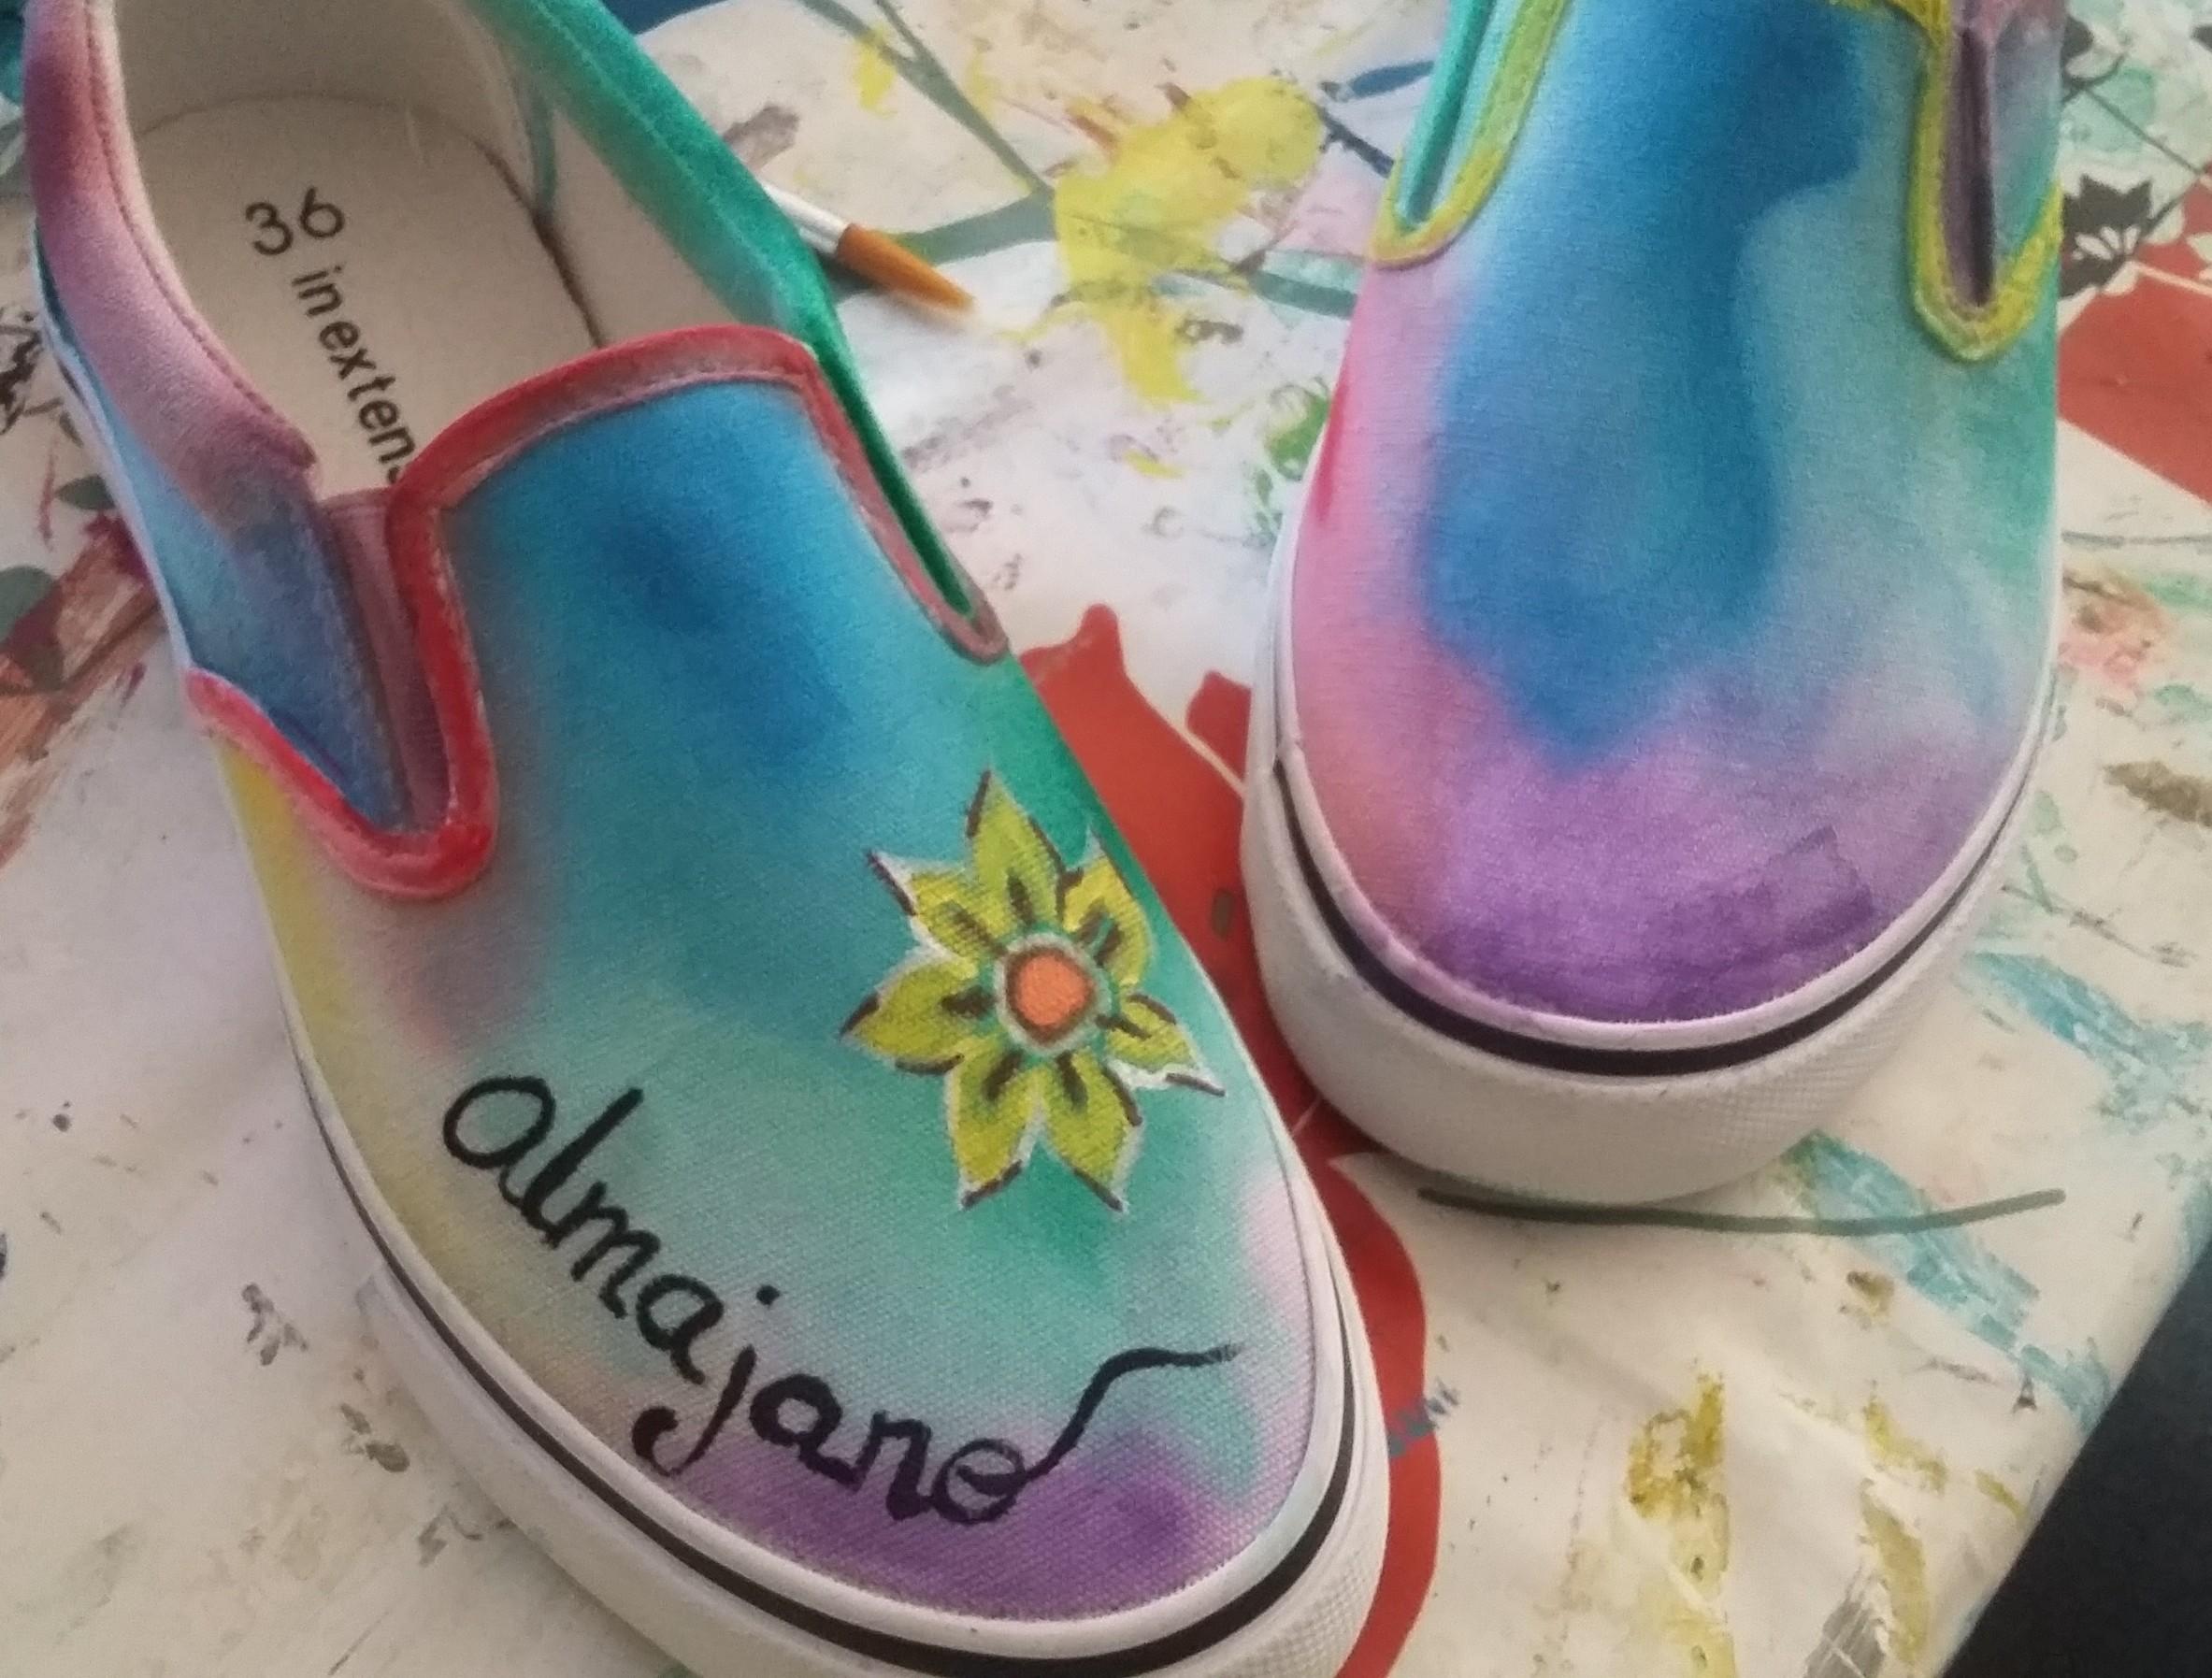 alpartgata-taller-zapatillas-almajano-soria-12